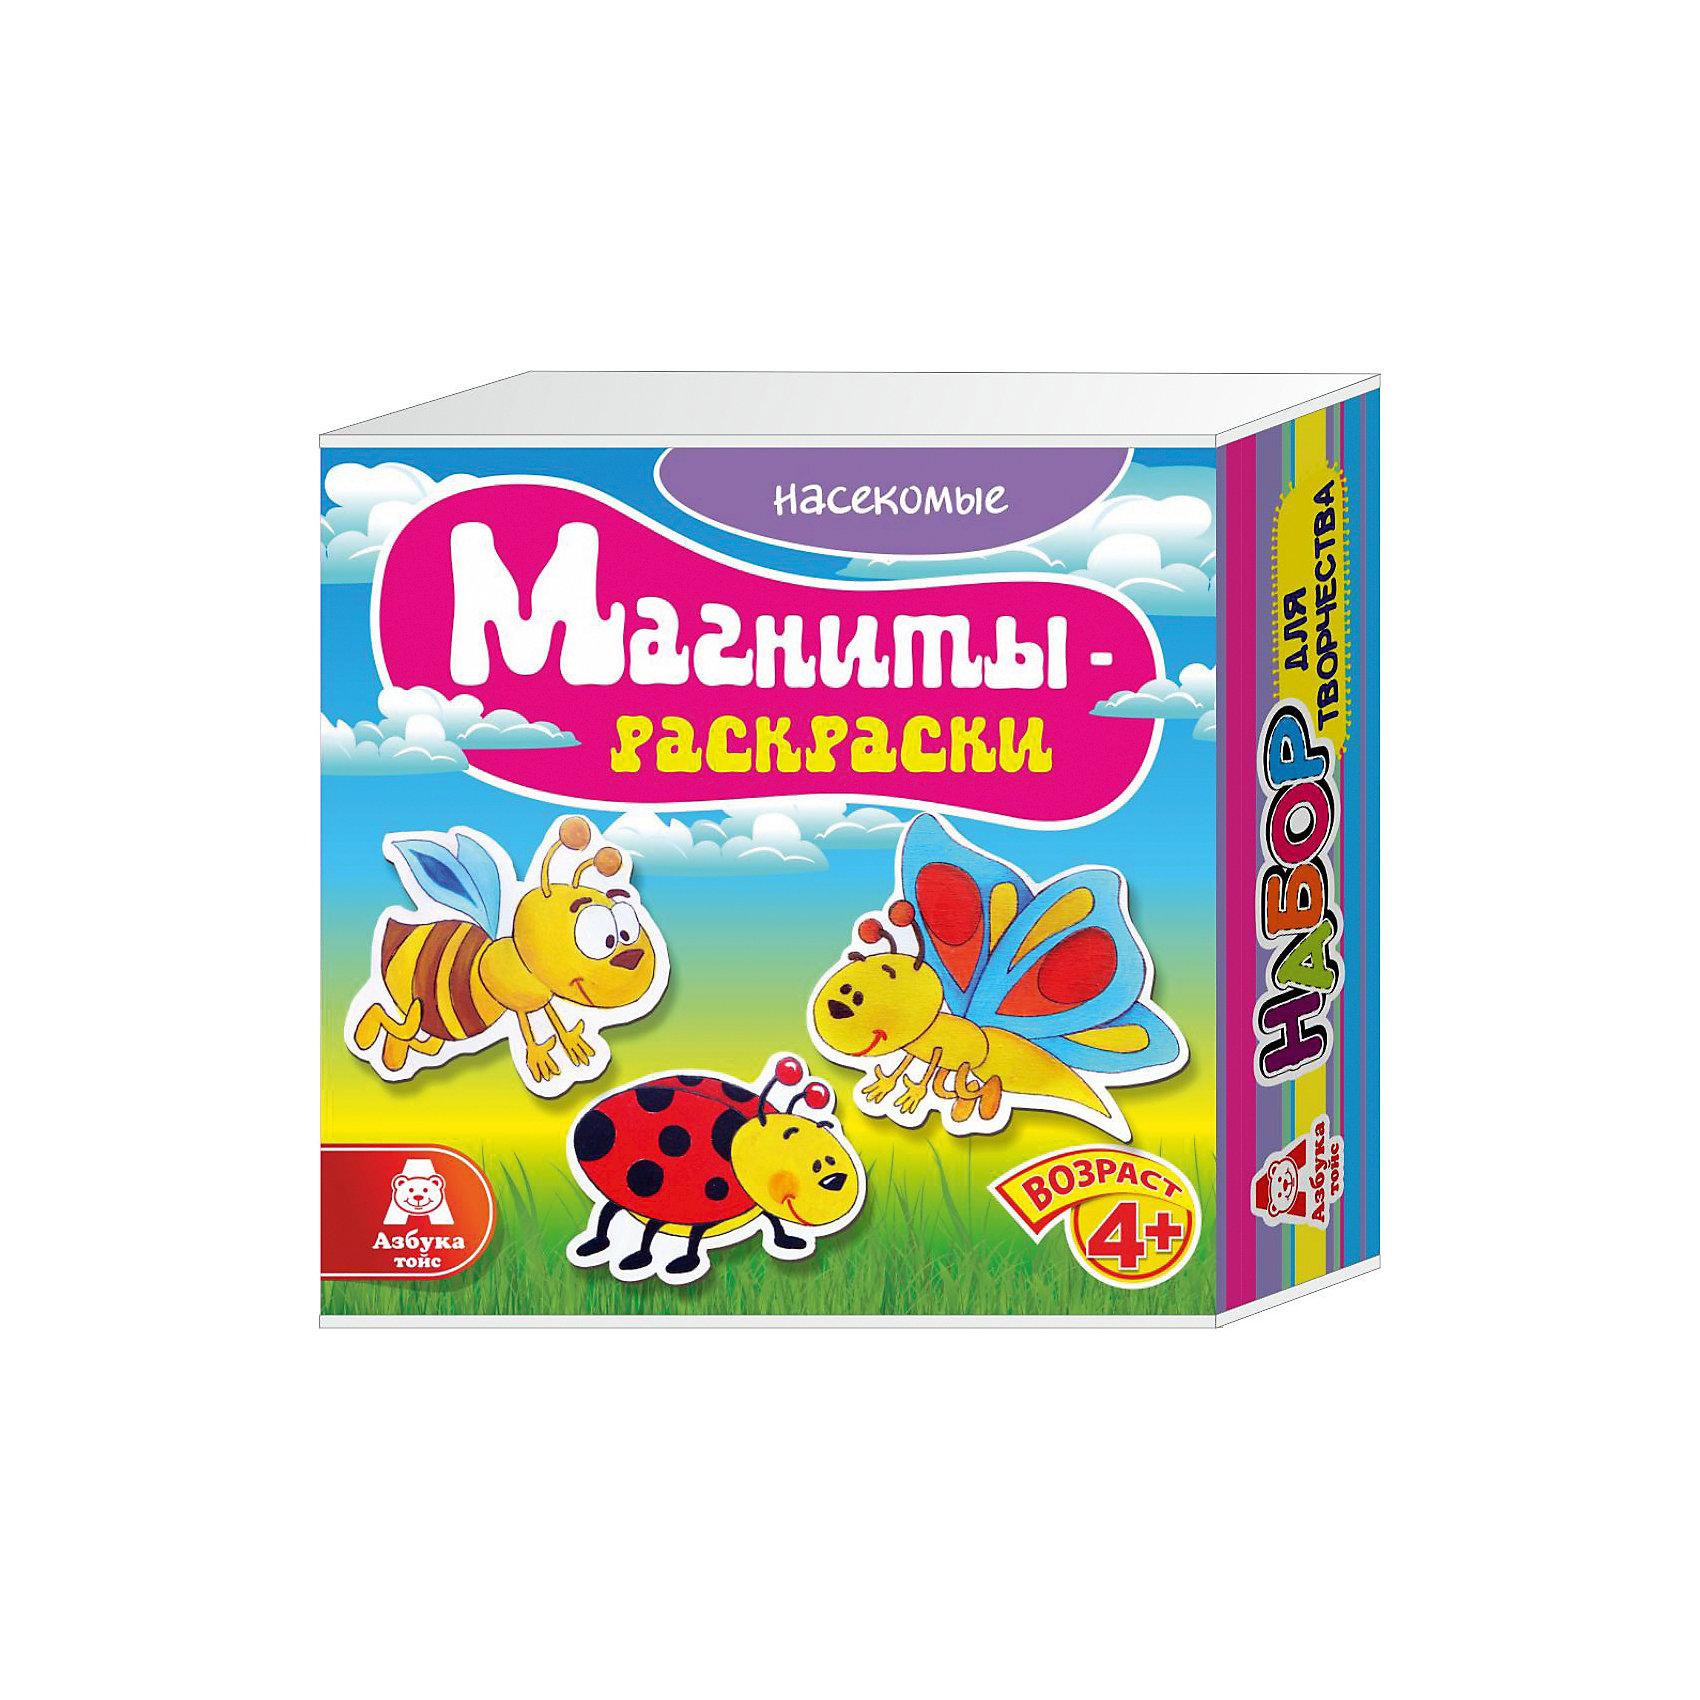 Магниты-раскраски НасекомыеМагниты-раскраски Насекомые.<br><br>Характеристики:<br><br>- Для детей от 4 лет<br>- В наборе: 3 деревянных элемента с изображением, набор акриловых красок из 6 цветов, кисточка, магниты, палитра, инструкция<br>- Изготовитель: ООО Азбука Тойз<br>- Сделано в России<br>- Упаковка: картонная коробка<br>- Размер упаковки: 14х5х14 см.<br>- Вес: 174 гр.<br><br>Набор магниты-раскраски Насекомые поможет ребенку проявить свои творческие способности и познакомиться с цветами, красками и оттенками. В наборе имеются 3 фигурки из натурального дерева в виде пчелы, божьей коровки и бабочки, которые нужно раскрасить красками. Фигурки можно раскрасить акриловыми красками, входящими в набор, а так же пальчиковыми красками, карандашами, пластилином или восковыми мелками. Фигурки будут хорошо держаться на холодильнике или любой другой металлической поверхности благодаря надежным магнитам. С набором для творчества магниты-раскраски Насекомые ваш ребенок разовьет воображение, художественные навыки и цветовосприятие.<br><br>Магниты-раскраски Насекомые можно купить в нашем интернет-магазине.<br><br>Ширина мм: 140<br>Глубина мм: 50<br>Высота мм: 140<br>Вес г: 174<br>Возраст от месяцев: 48<br>Возраст до месяцев: 108<br>Пол: Унисекс<br>Возраст: Детский<br>SKU: 5062909